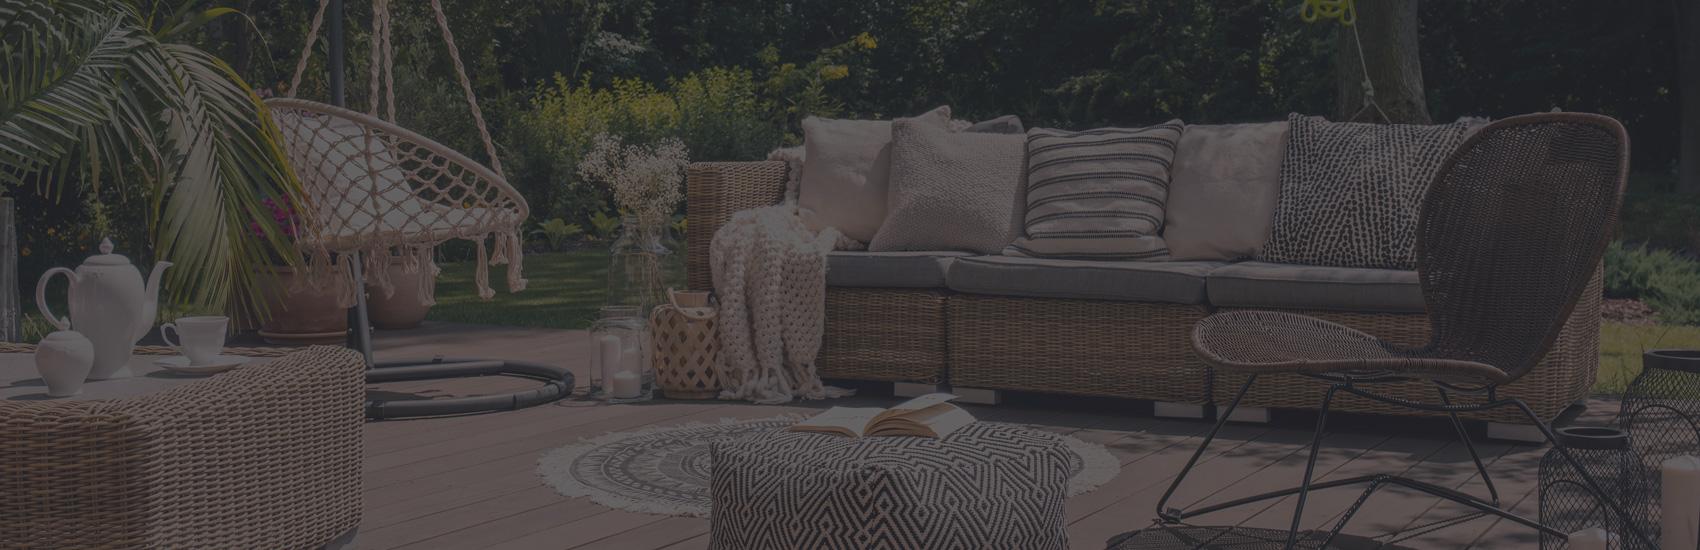 Entretenez-vous une relation amour-haine avec votre terrasse en bois?